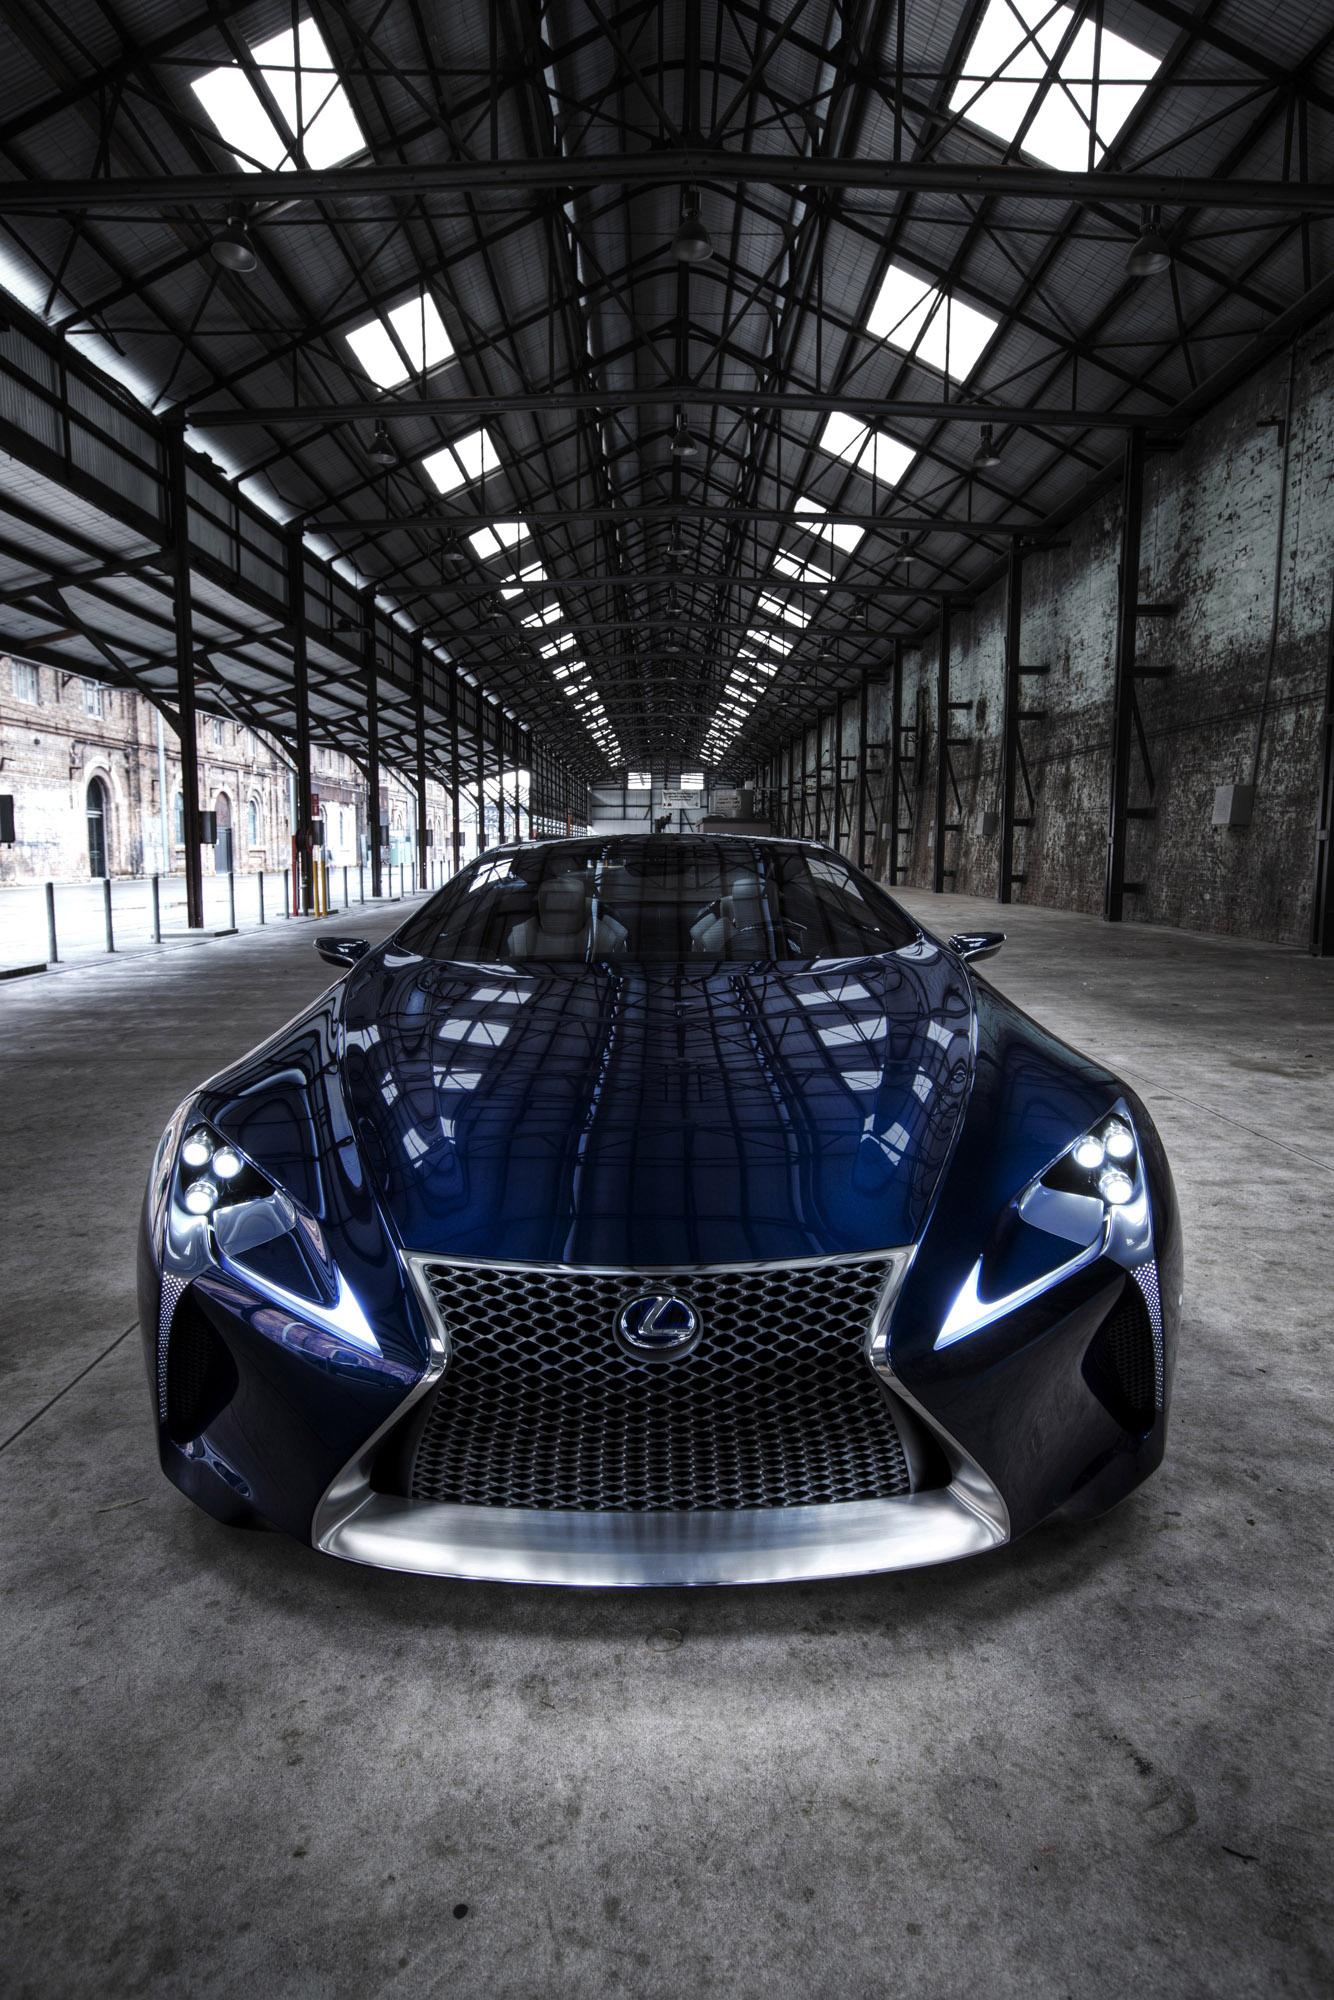 https://www.automobilesreview.com/img/lexus-lf-lc-blue-concept/lexus-lf-lc-blue-concept-02.jpg